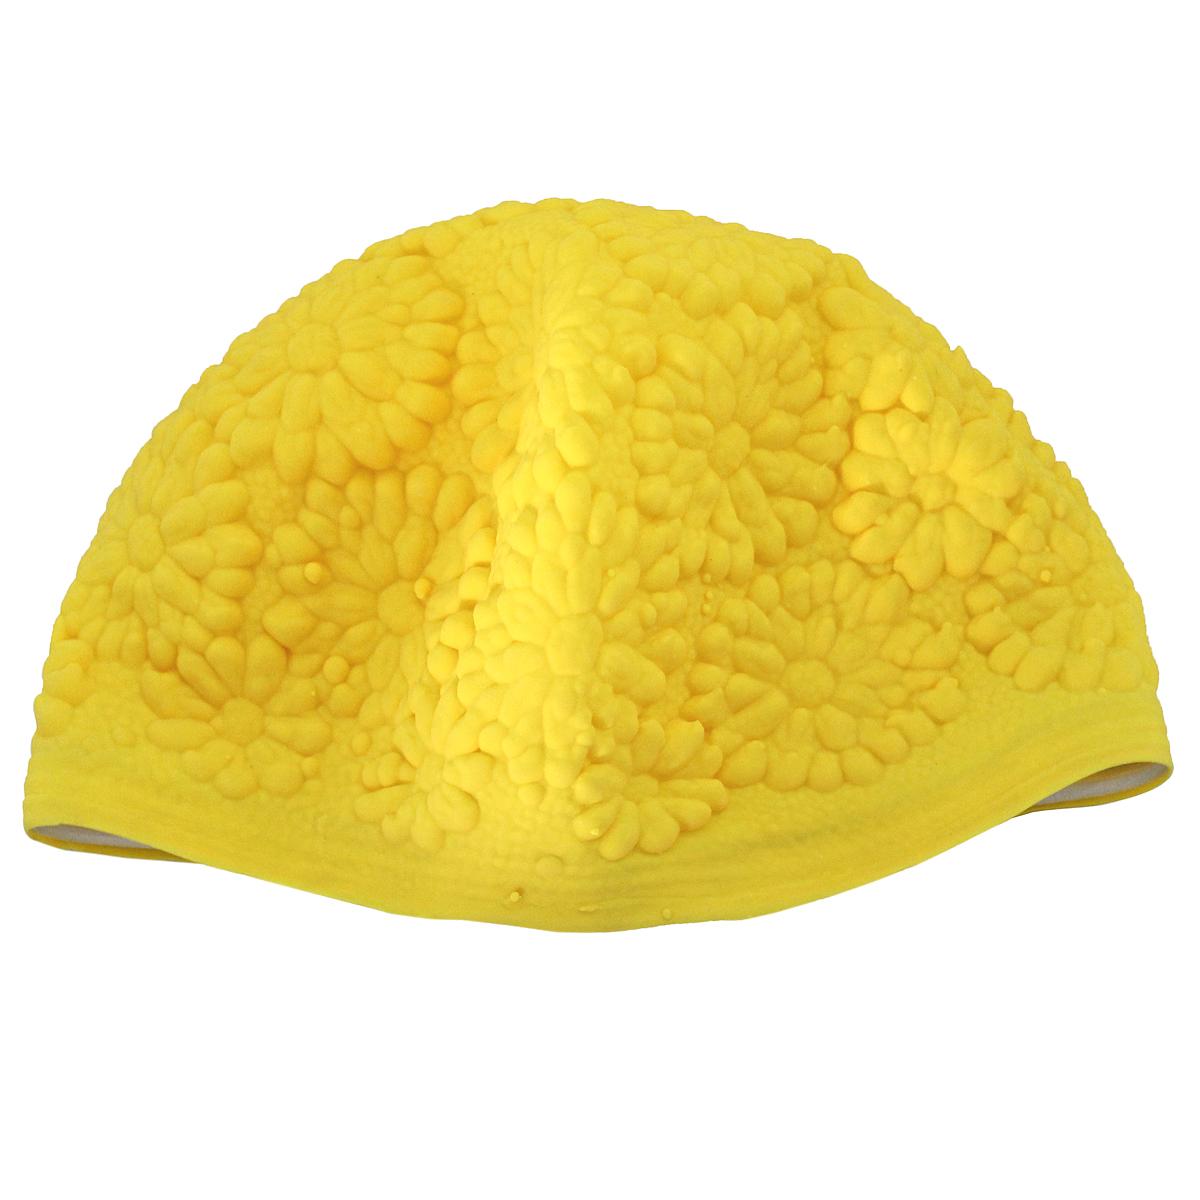 Шапочка для плавания MadWave Hawaii Chrysanthemum, женская, цвет: желтыйM0552 02 0 02WЛатексная шапочка для плавания MadWave Hawaii Chrysanthemum декорирована цветочным рельефом. Имеет превосходную эластичность и высокий уровень комфорта. Высококачественный материал обеспечивает долгий срок службы. Пузырьковая поверхность уменьшает площадь соприкосновения с волосами.Обхват головы: 53 см.